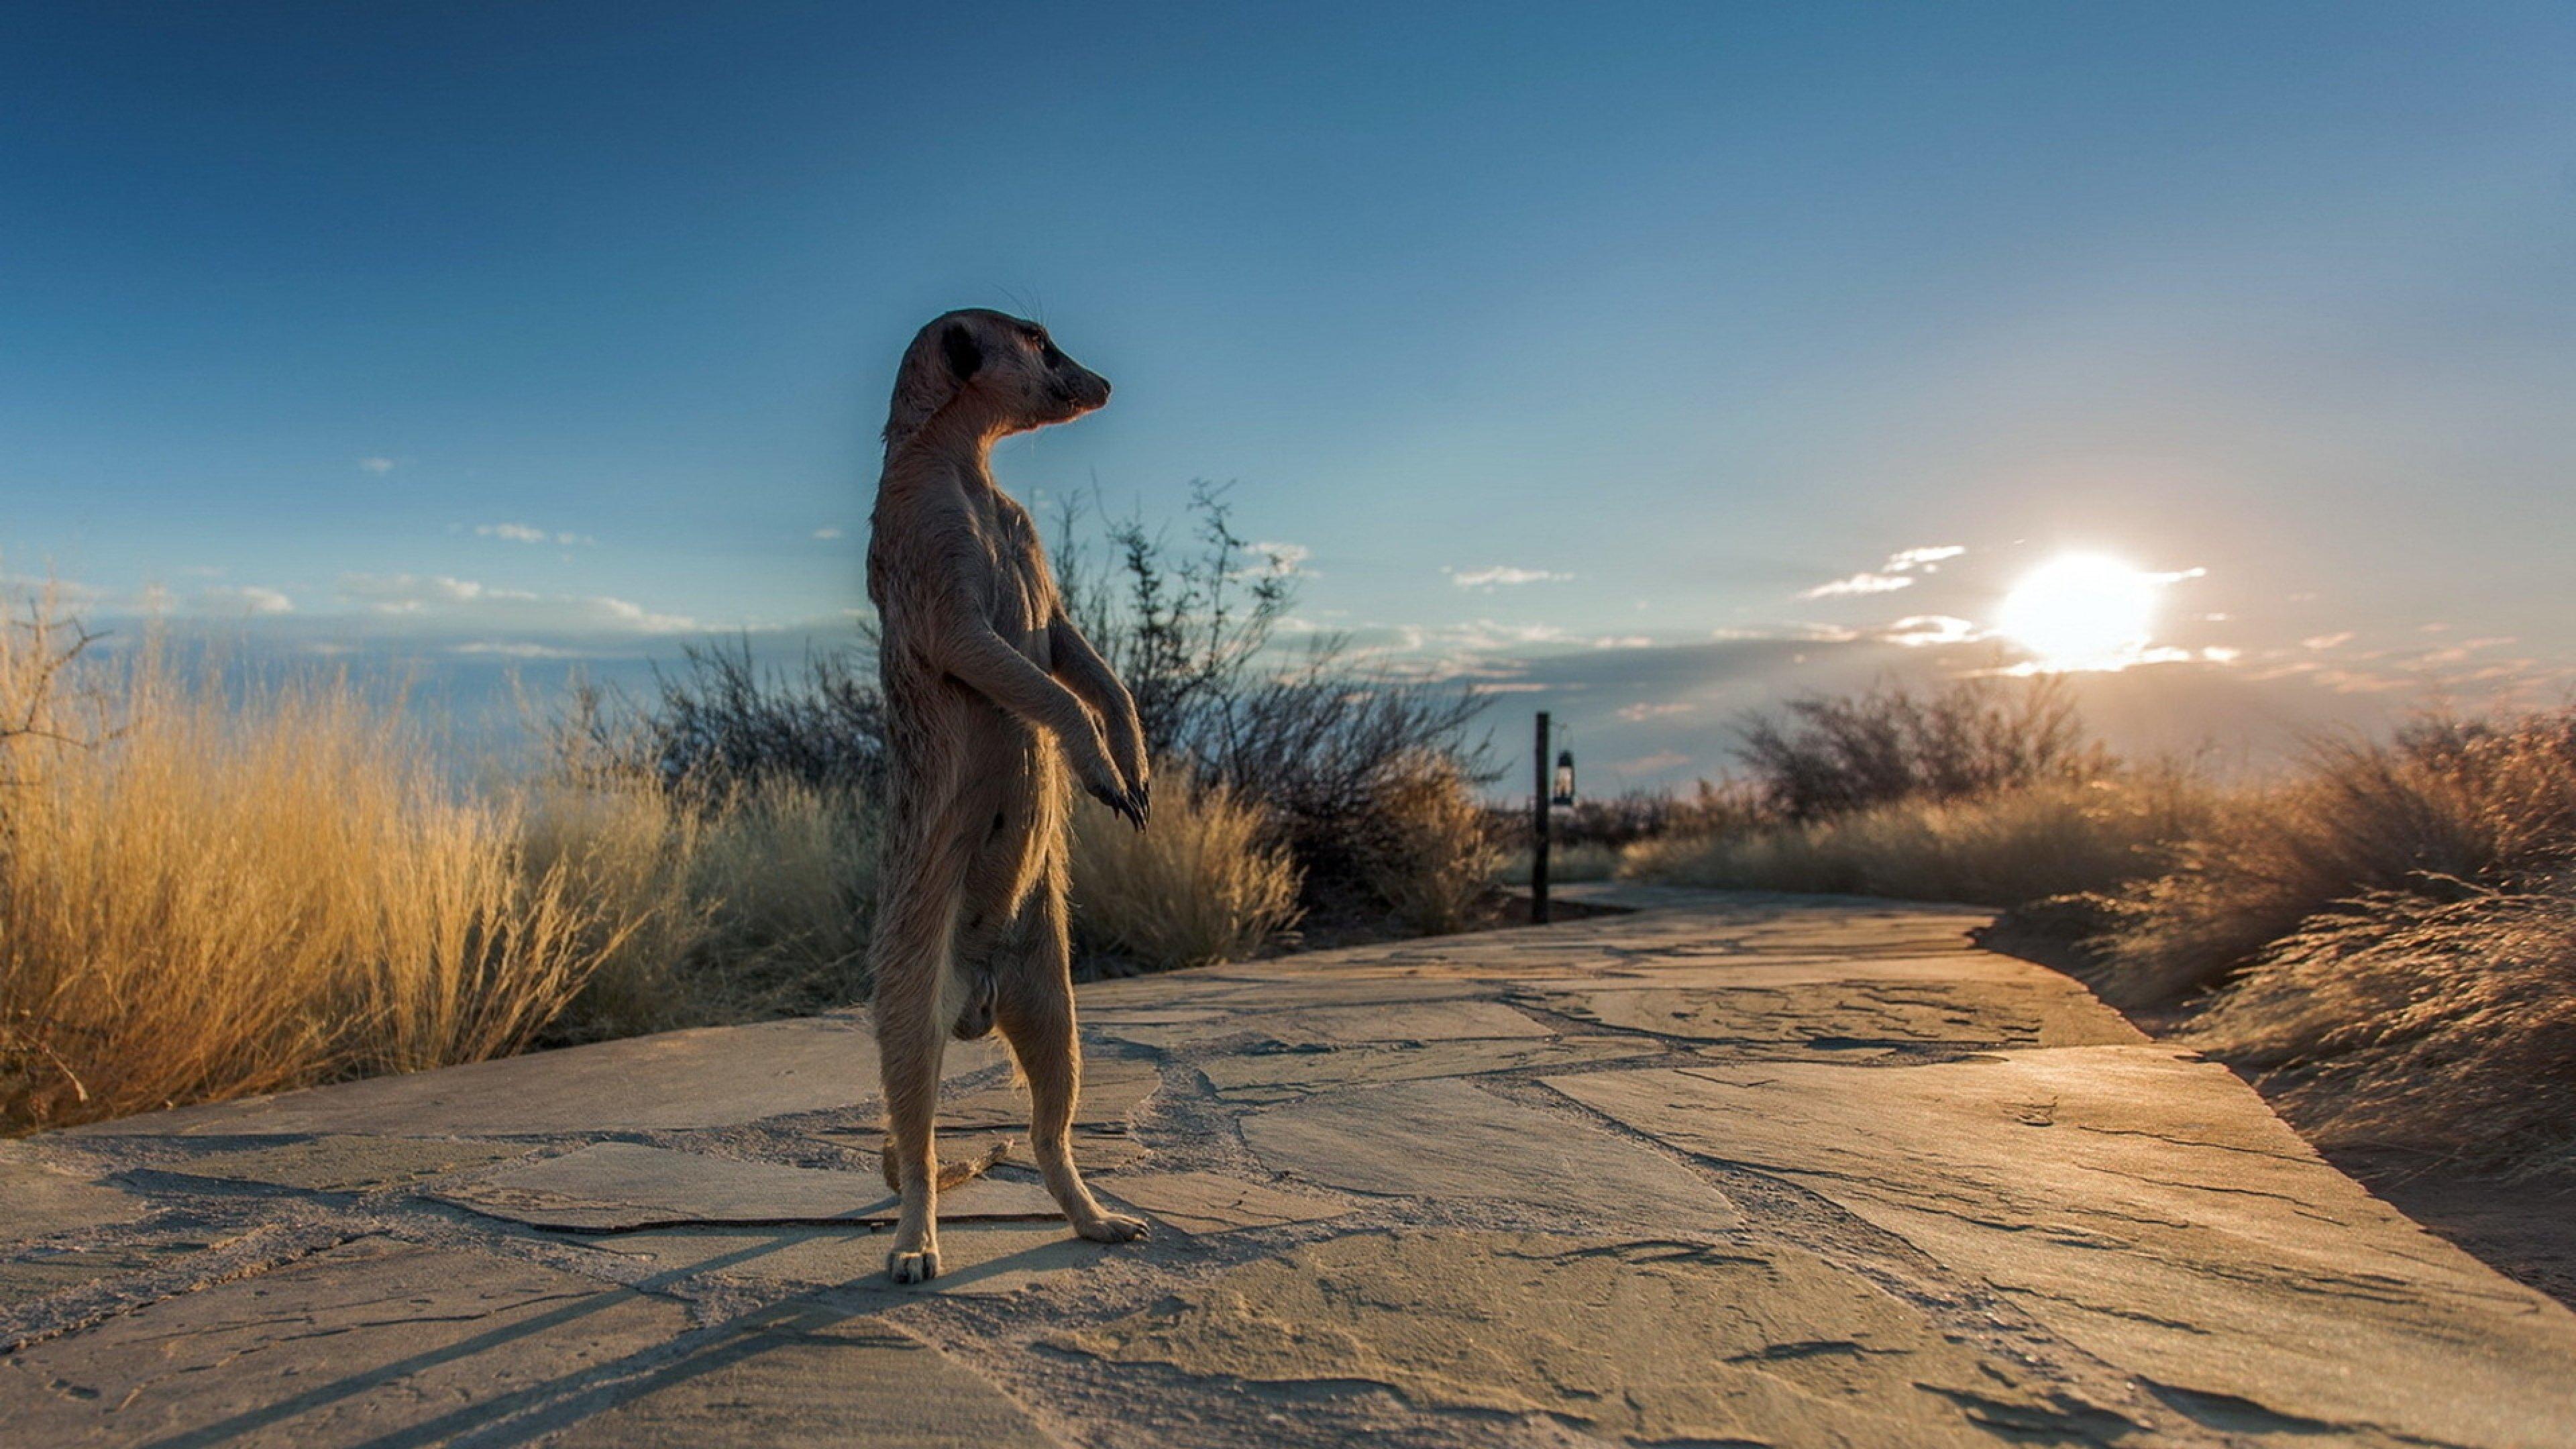 nature africa meerkats 3840x2160